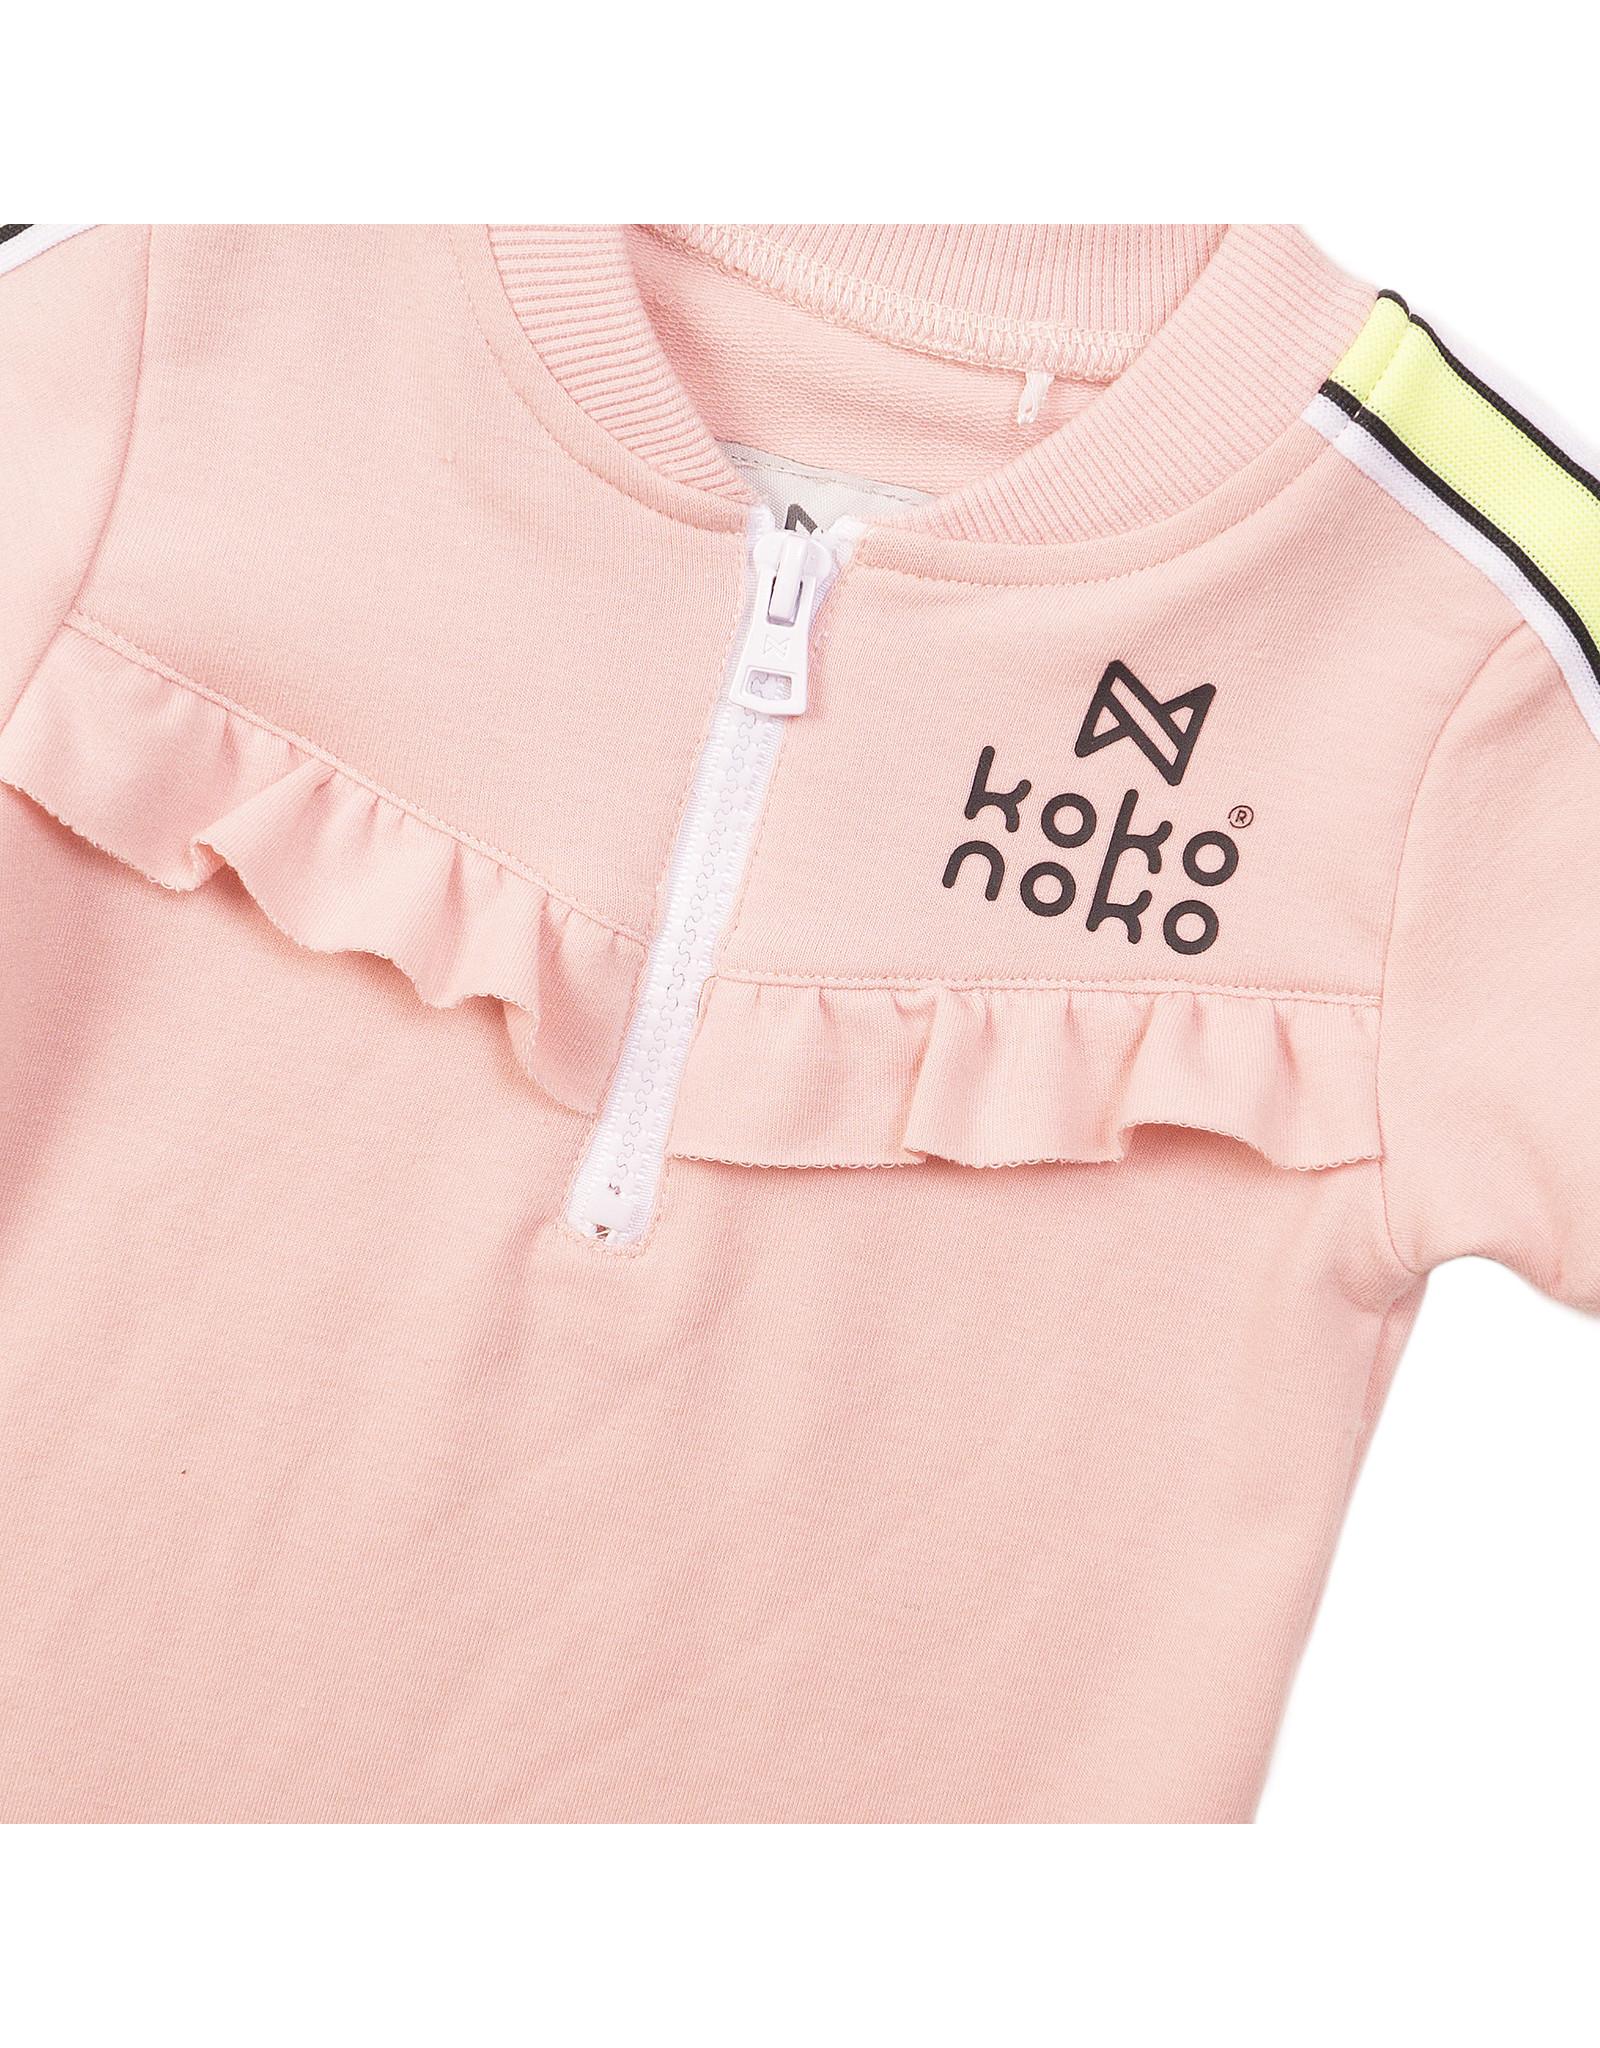 Koko Noko Koko Noko meisjes jurk met bies Pink